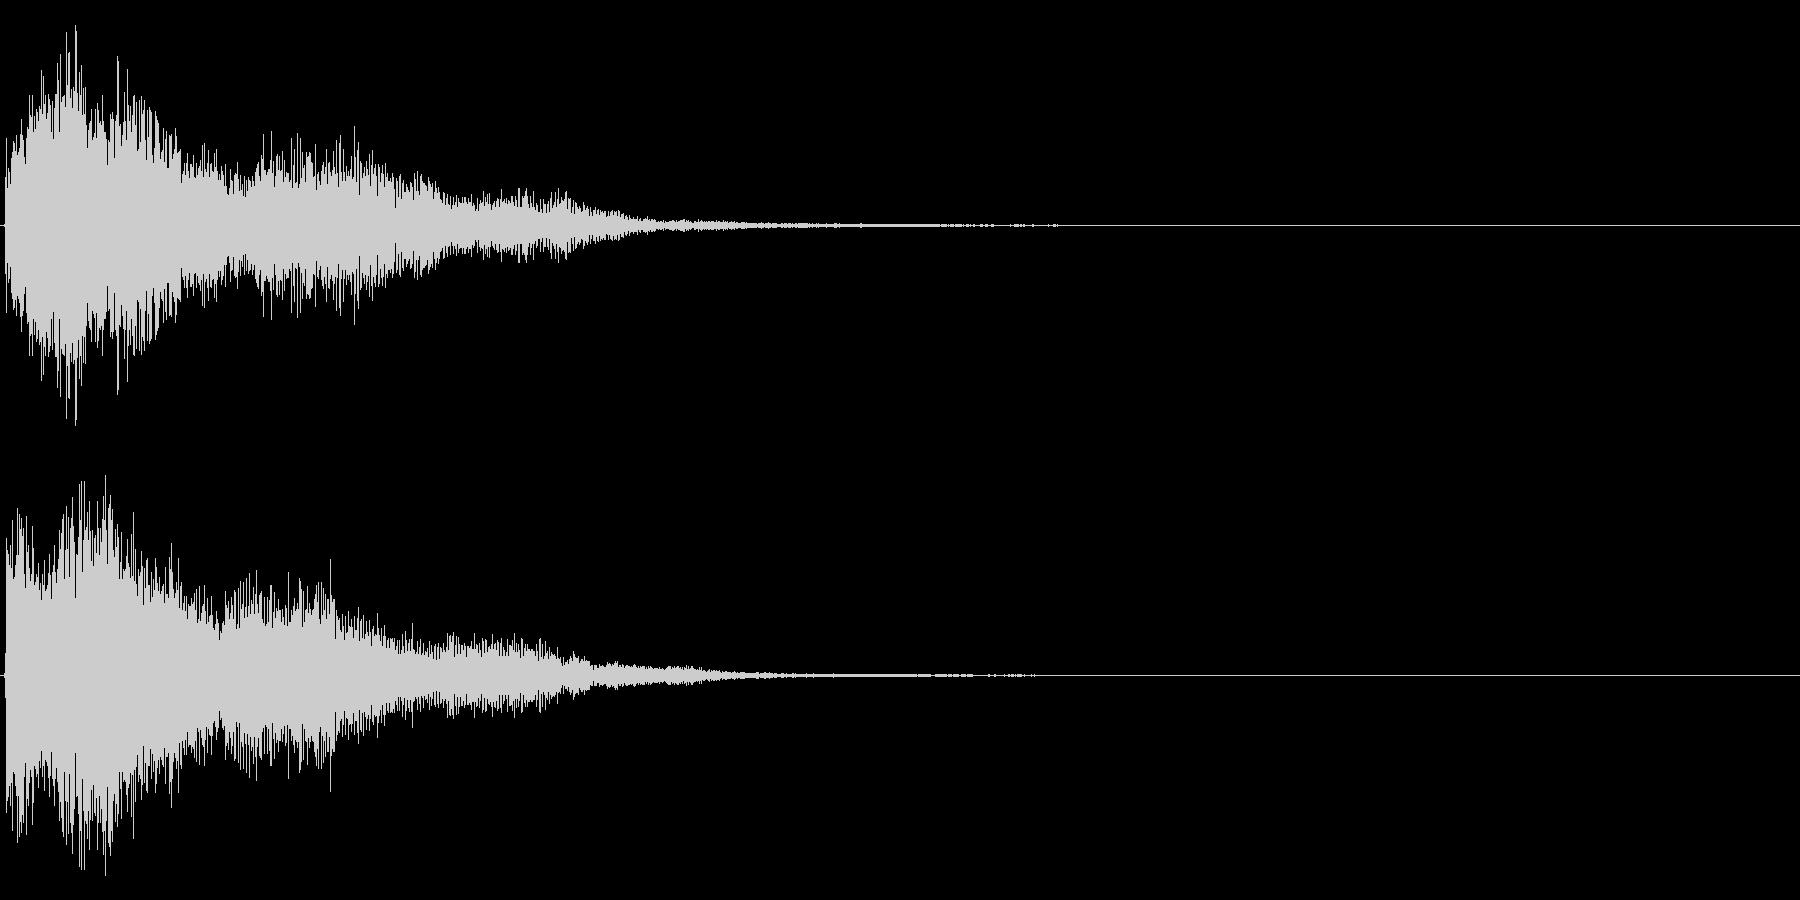 ゲームスタート、決定、ボタン音-065の未再生の波形